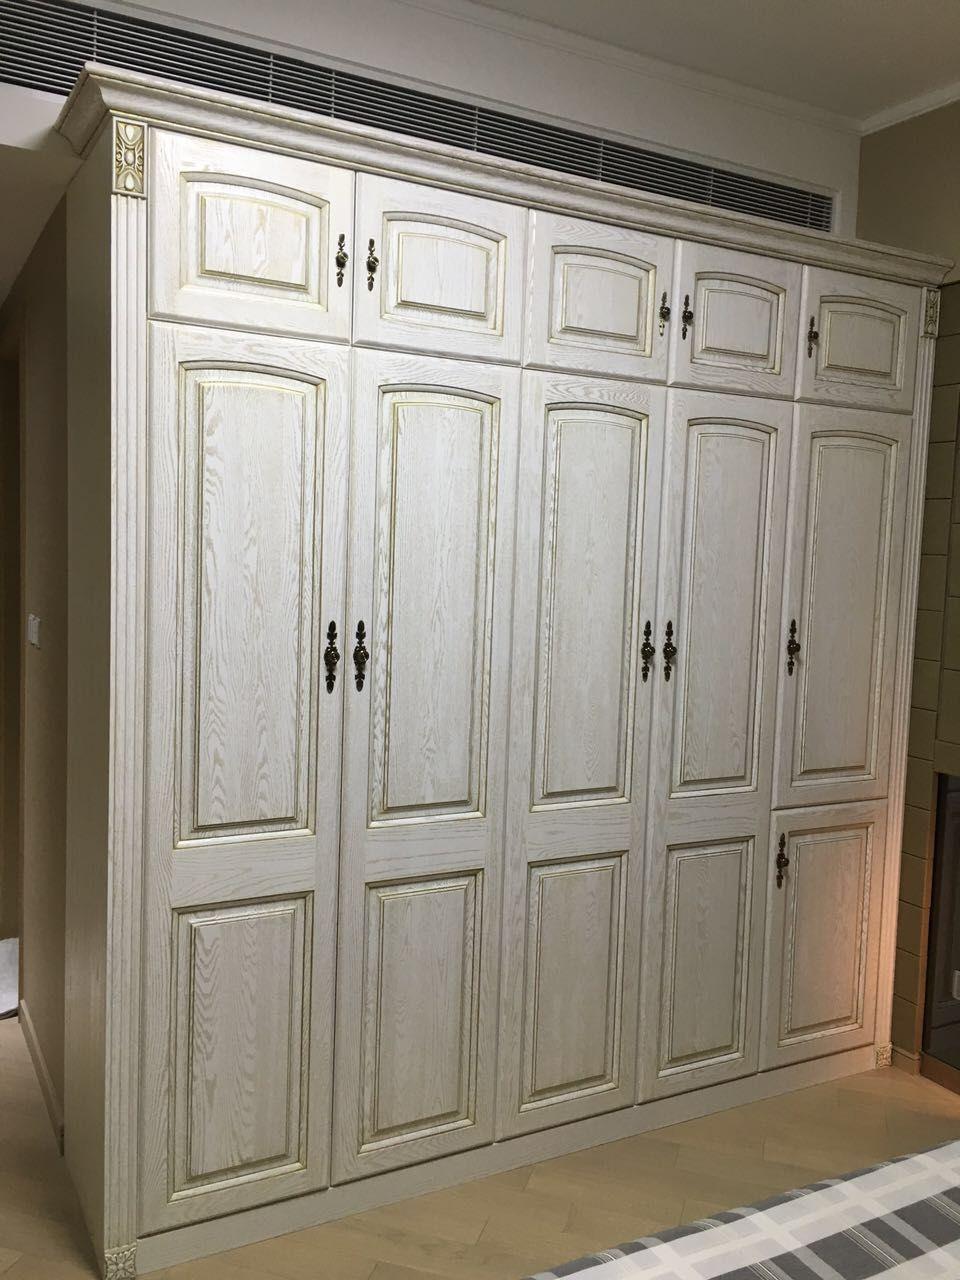 是一家以衣柜,橱柜,书柜,鞋柜,酒柜,桌,椅,床等为核心的全屋实木定制